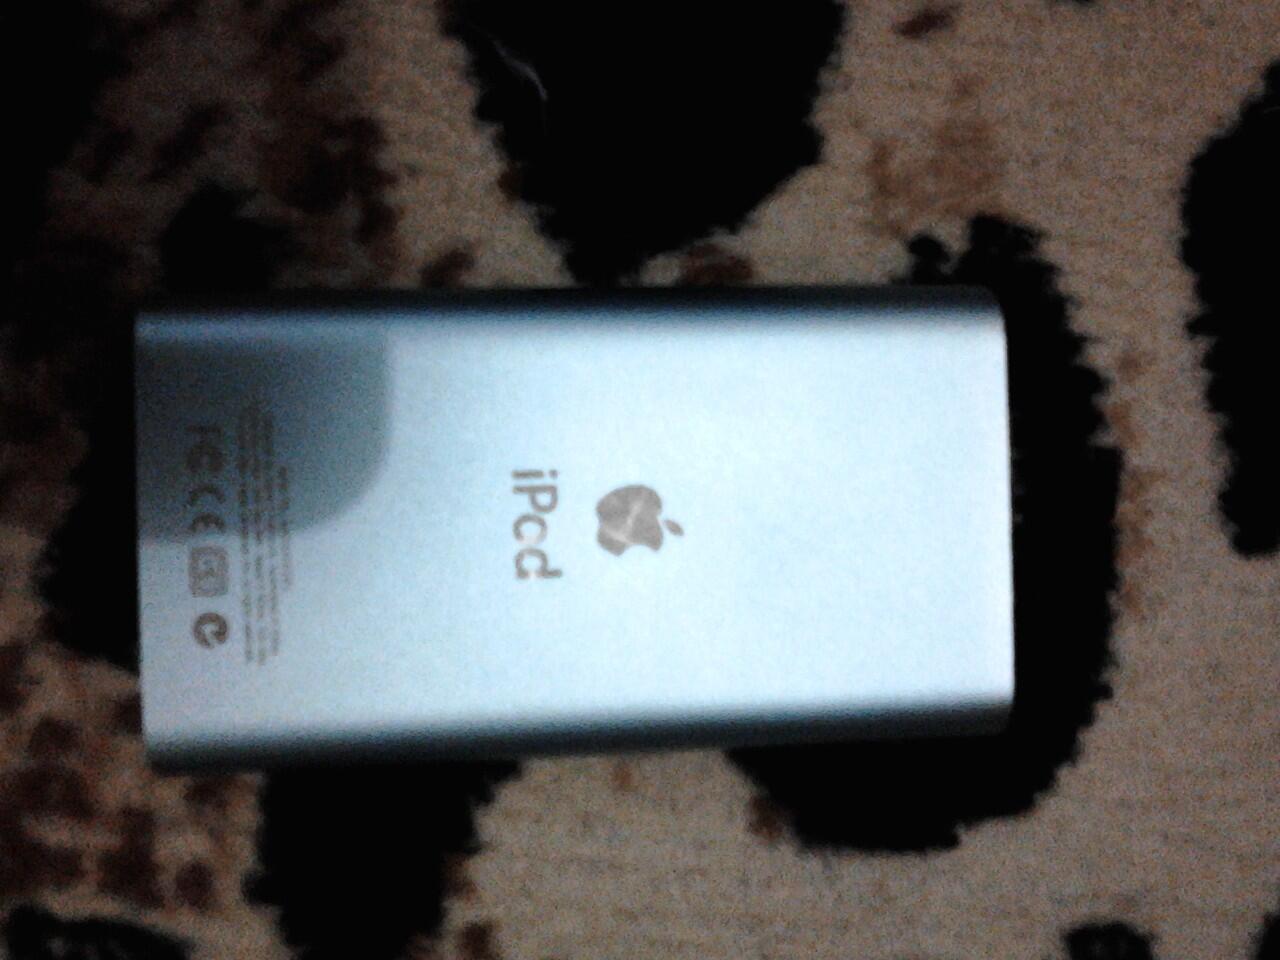 IPOD MINI 2ND GEN 4GB BLUE NORMAL